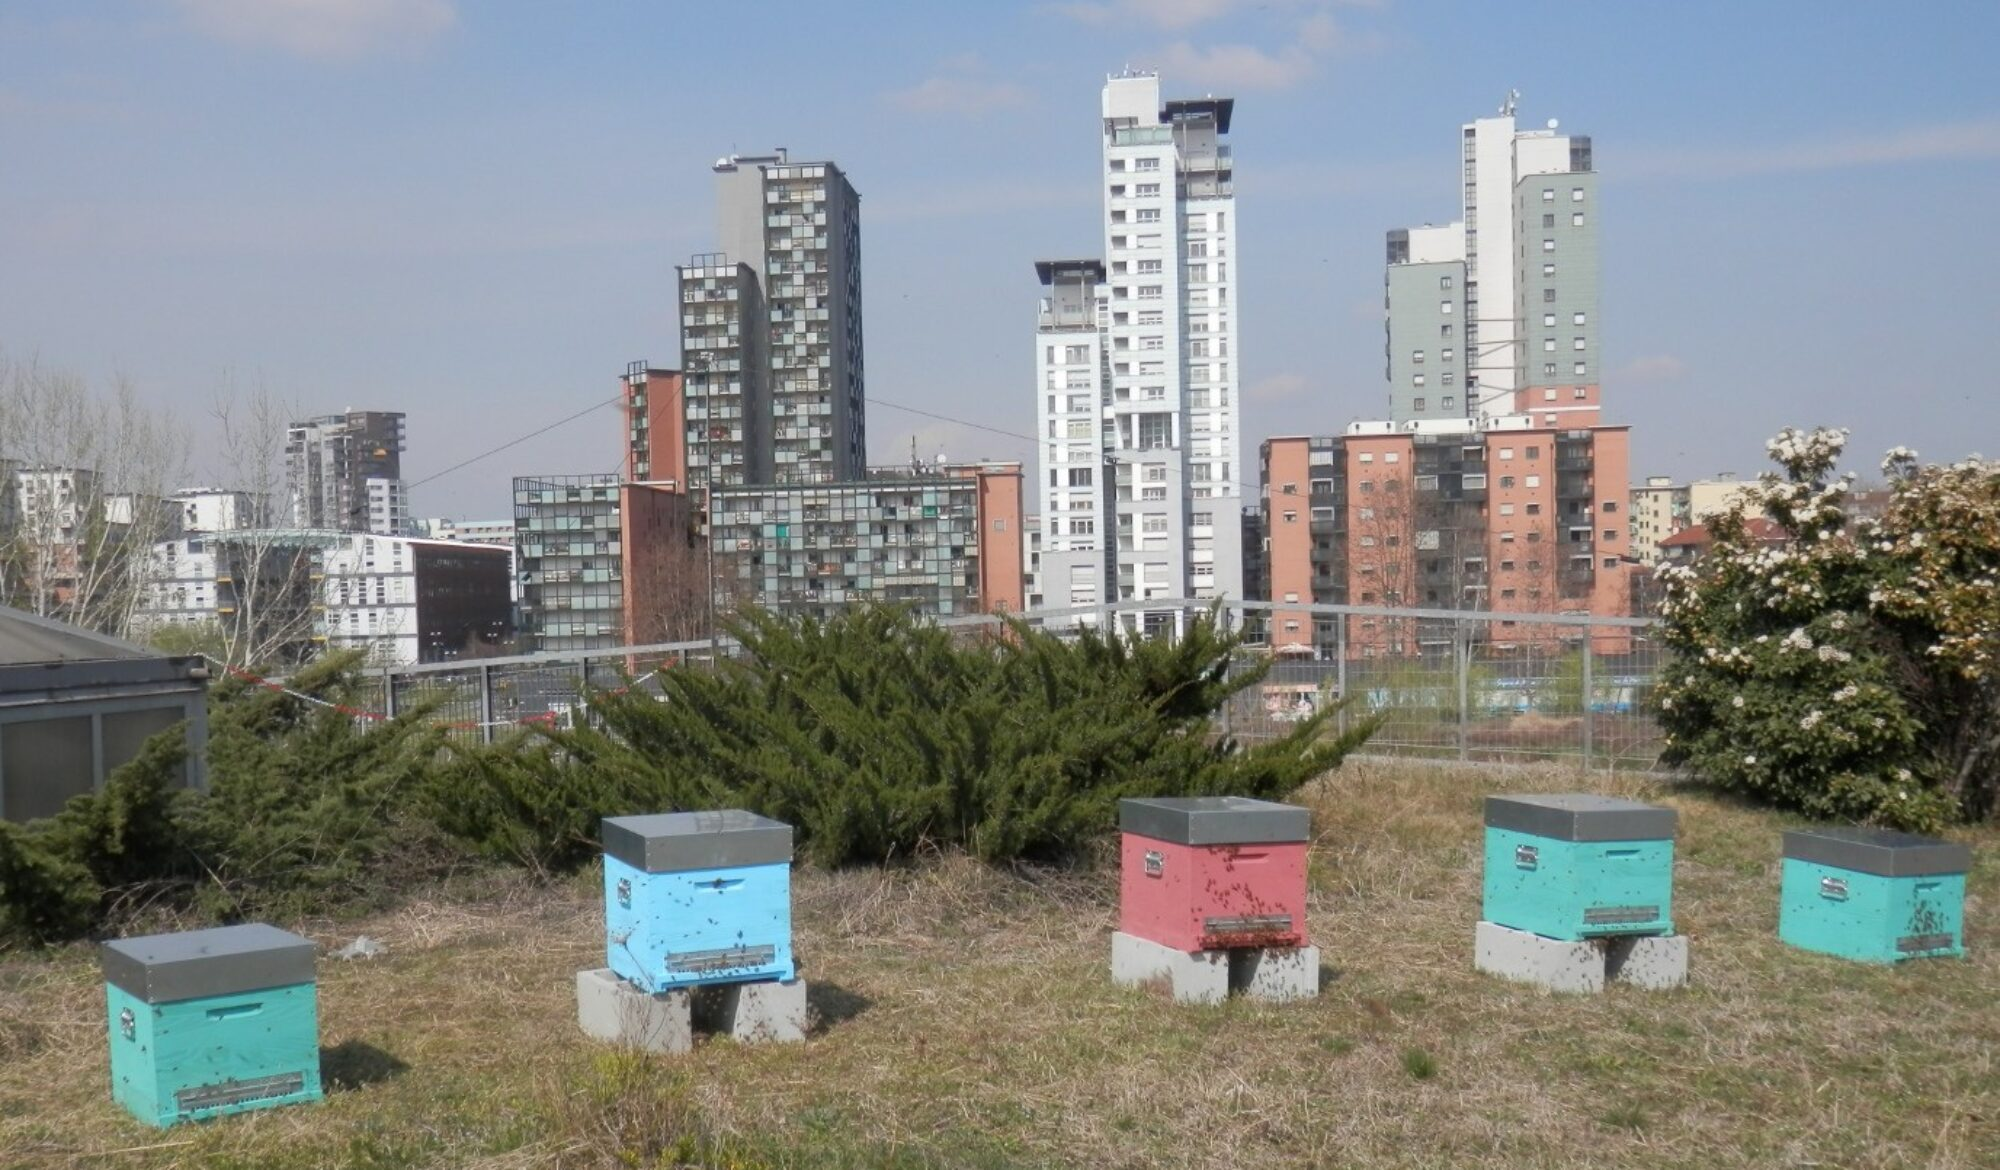 Apicoltura urbana come educazione all'ambiente e inclusione sociale